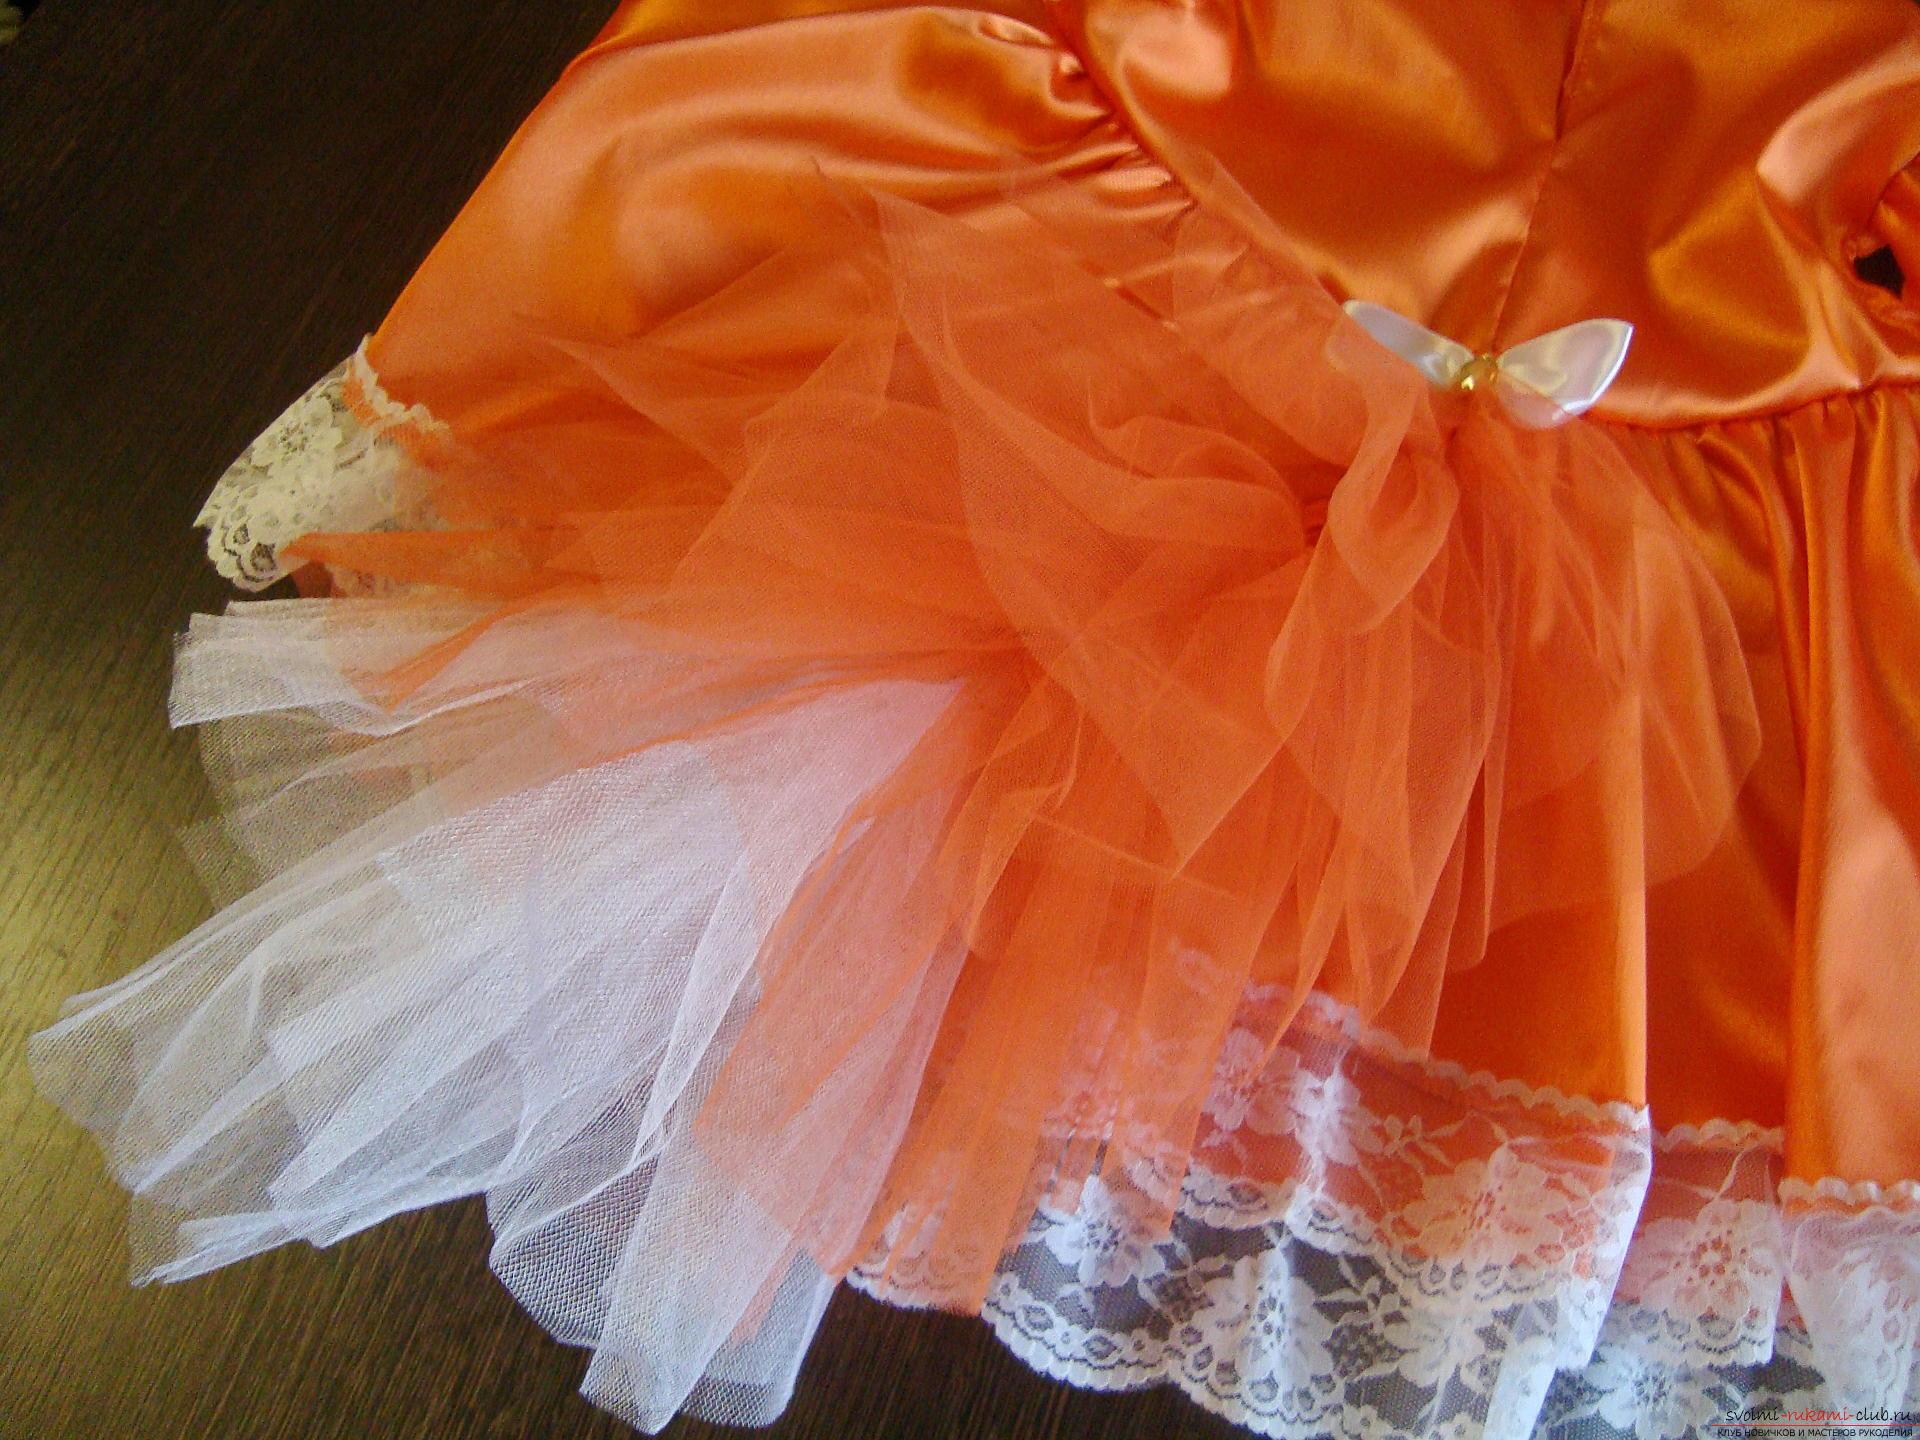 Этот мастер-класс научит как сшить своими руками детский карнавальный костюм лисы для девочки. Фото №8